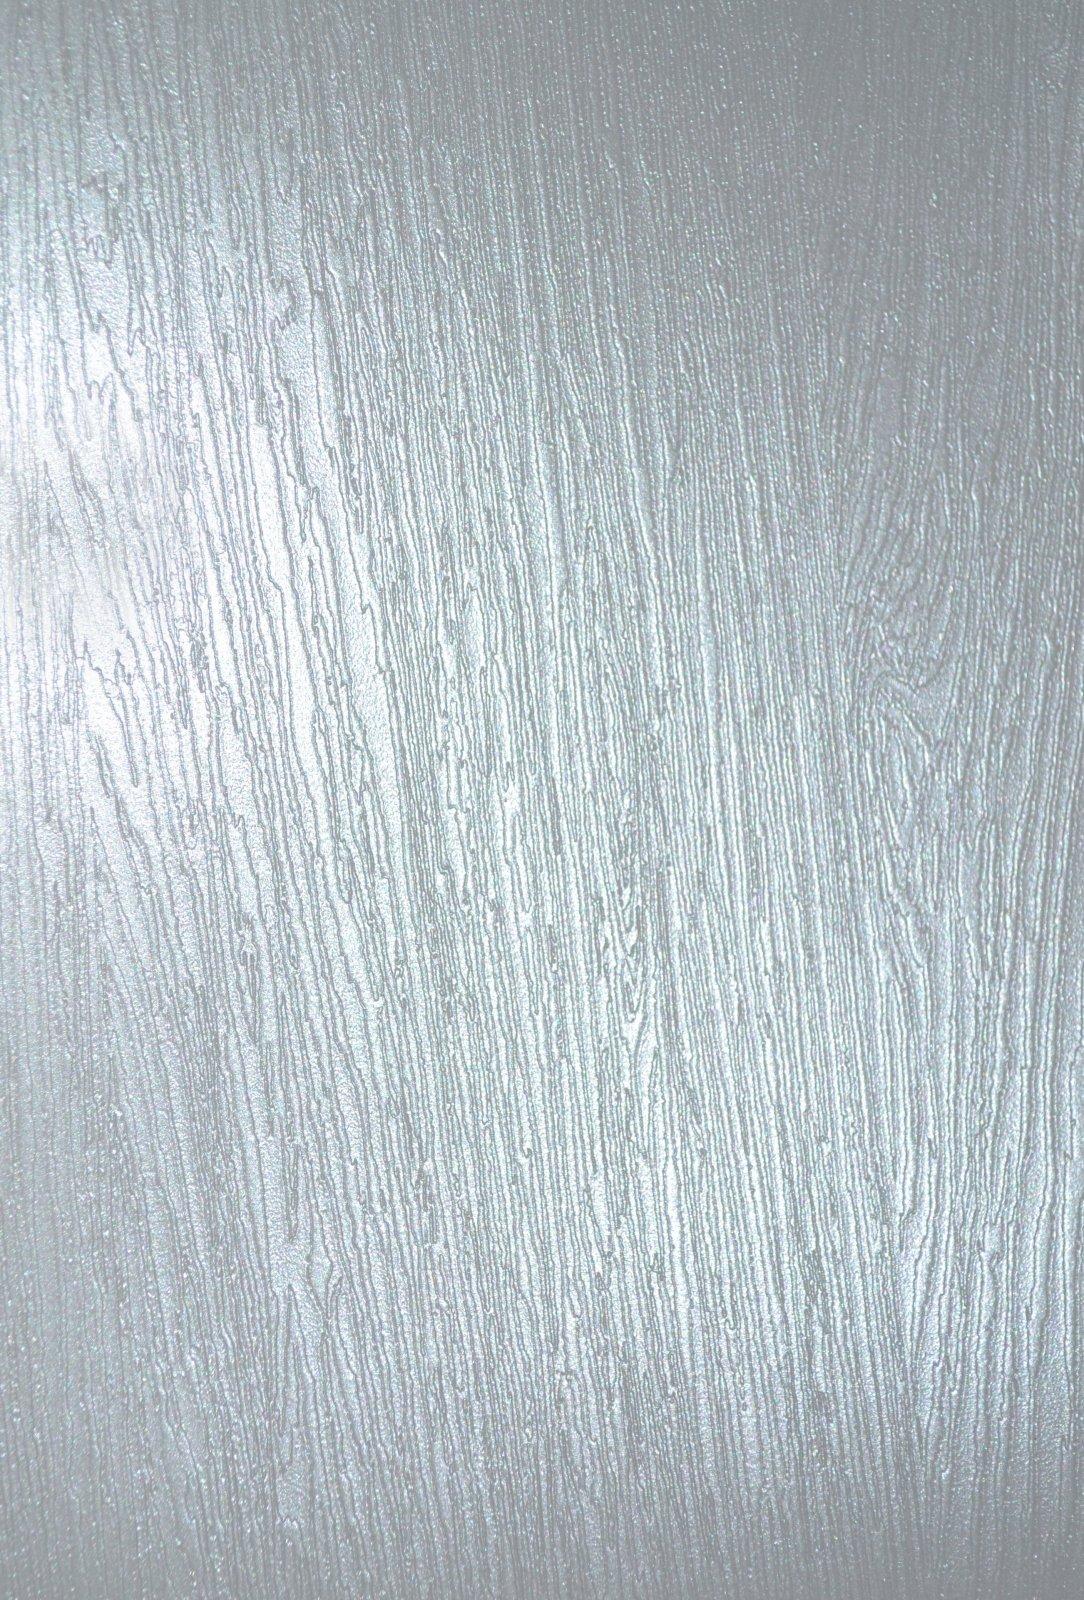 Пленка ПВХ Жемчужное дерево ПЭТ